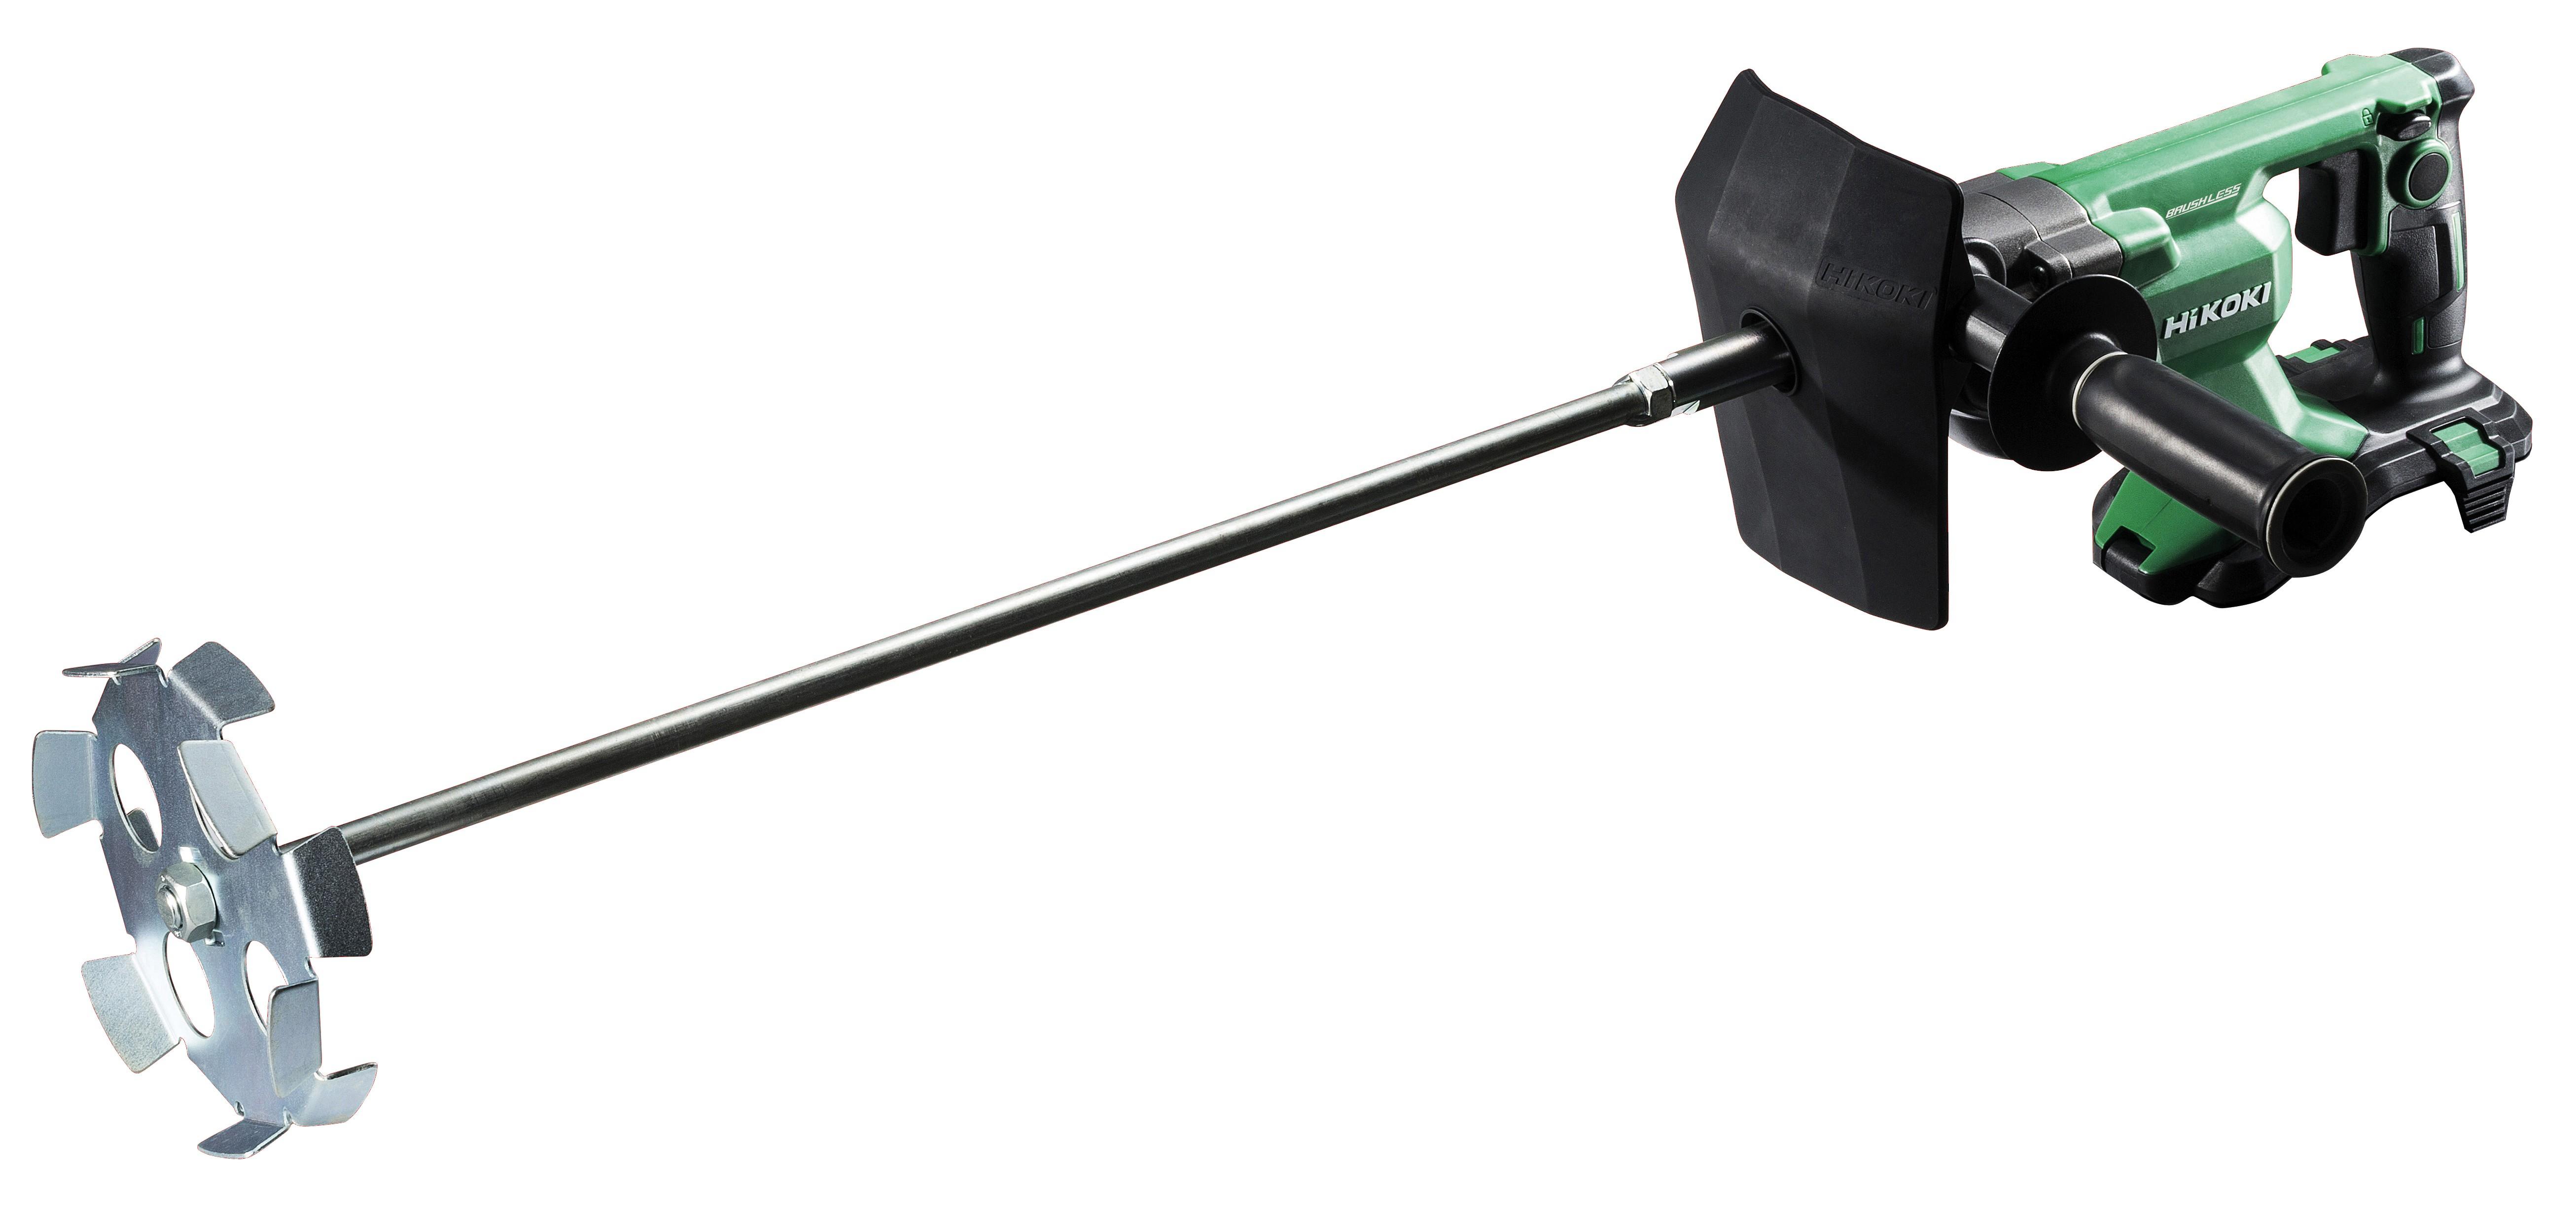 Malaxeur 36 V  Multi Volt Brushless